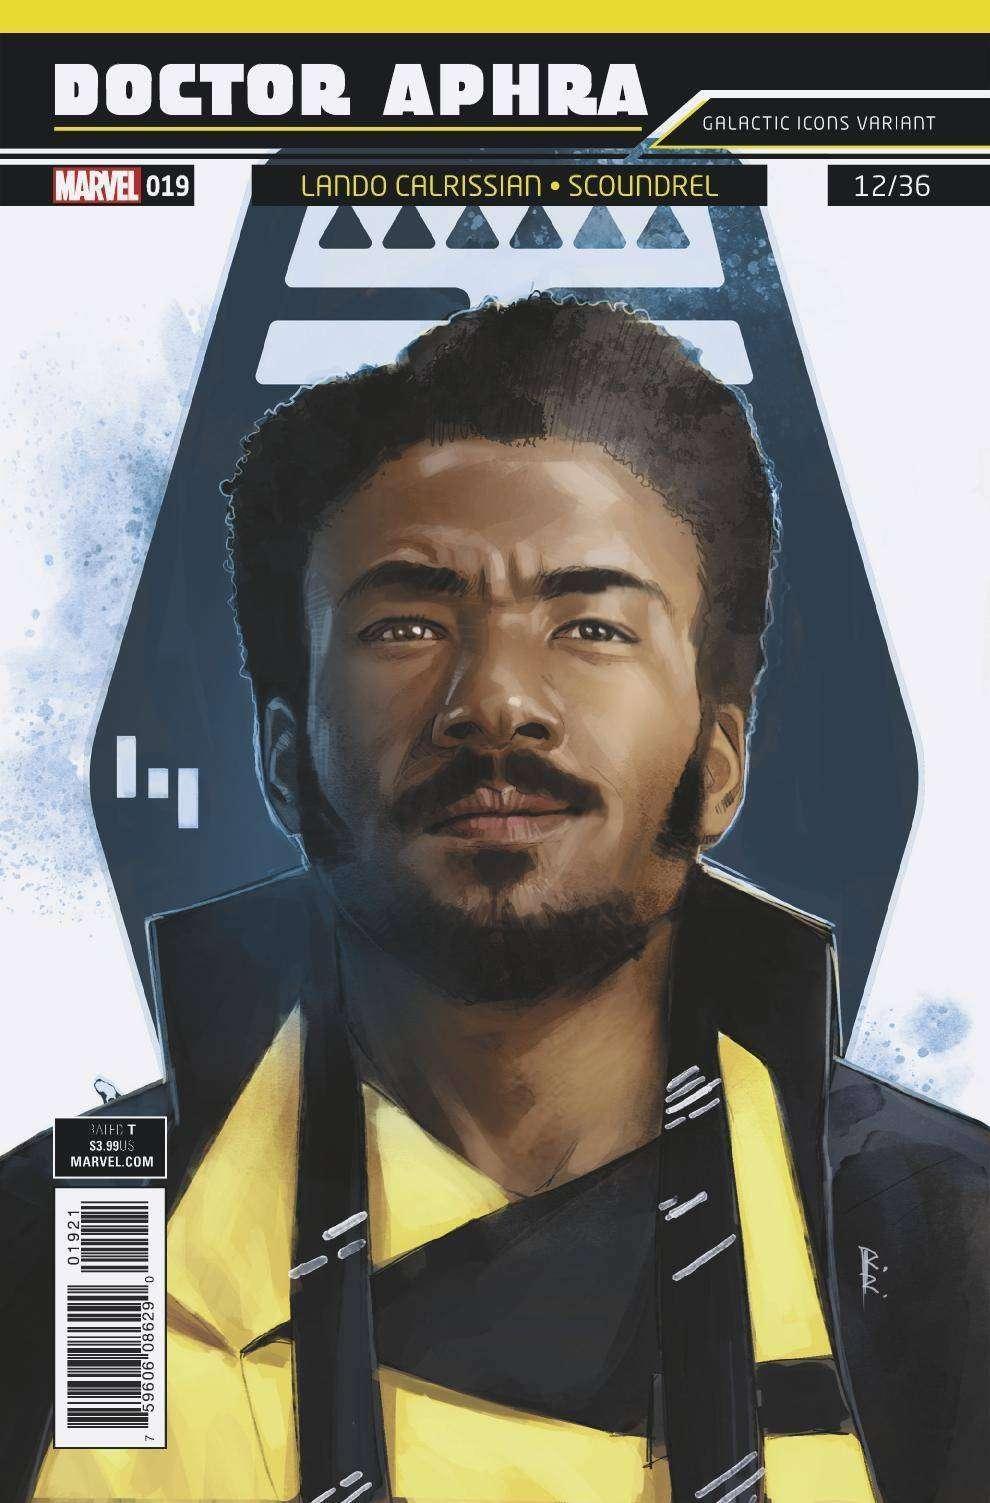 doctor aphra #19 galactic icon, lando